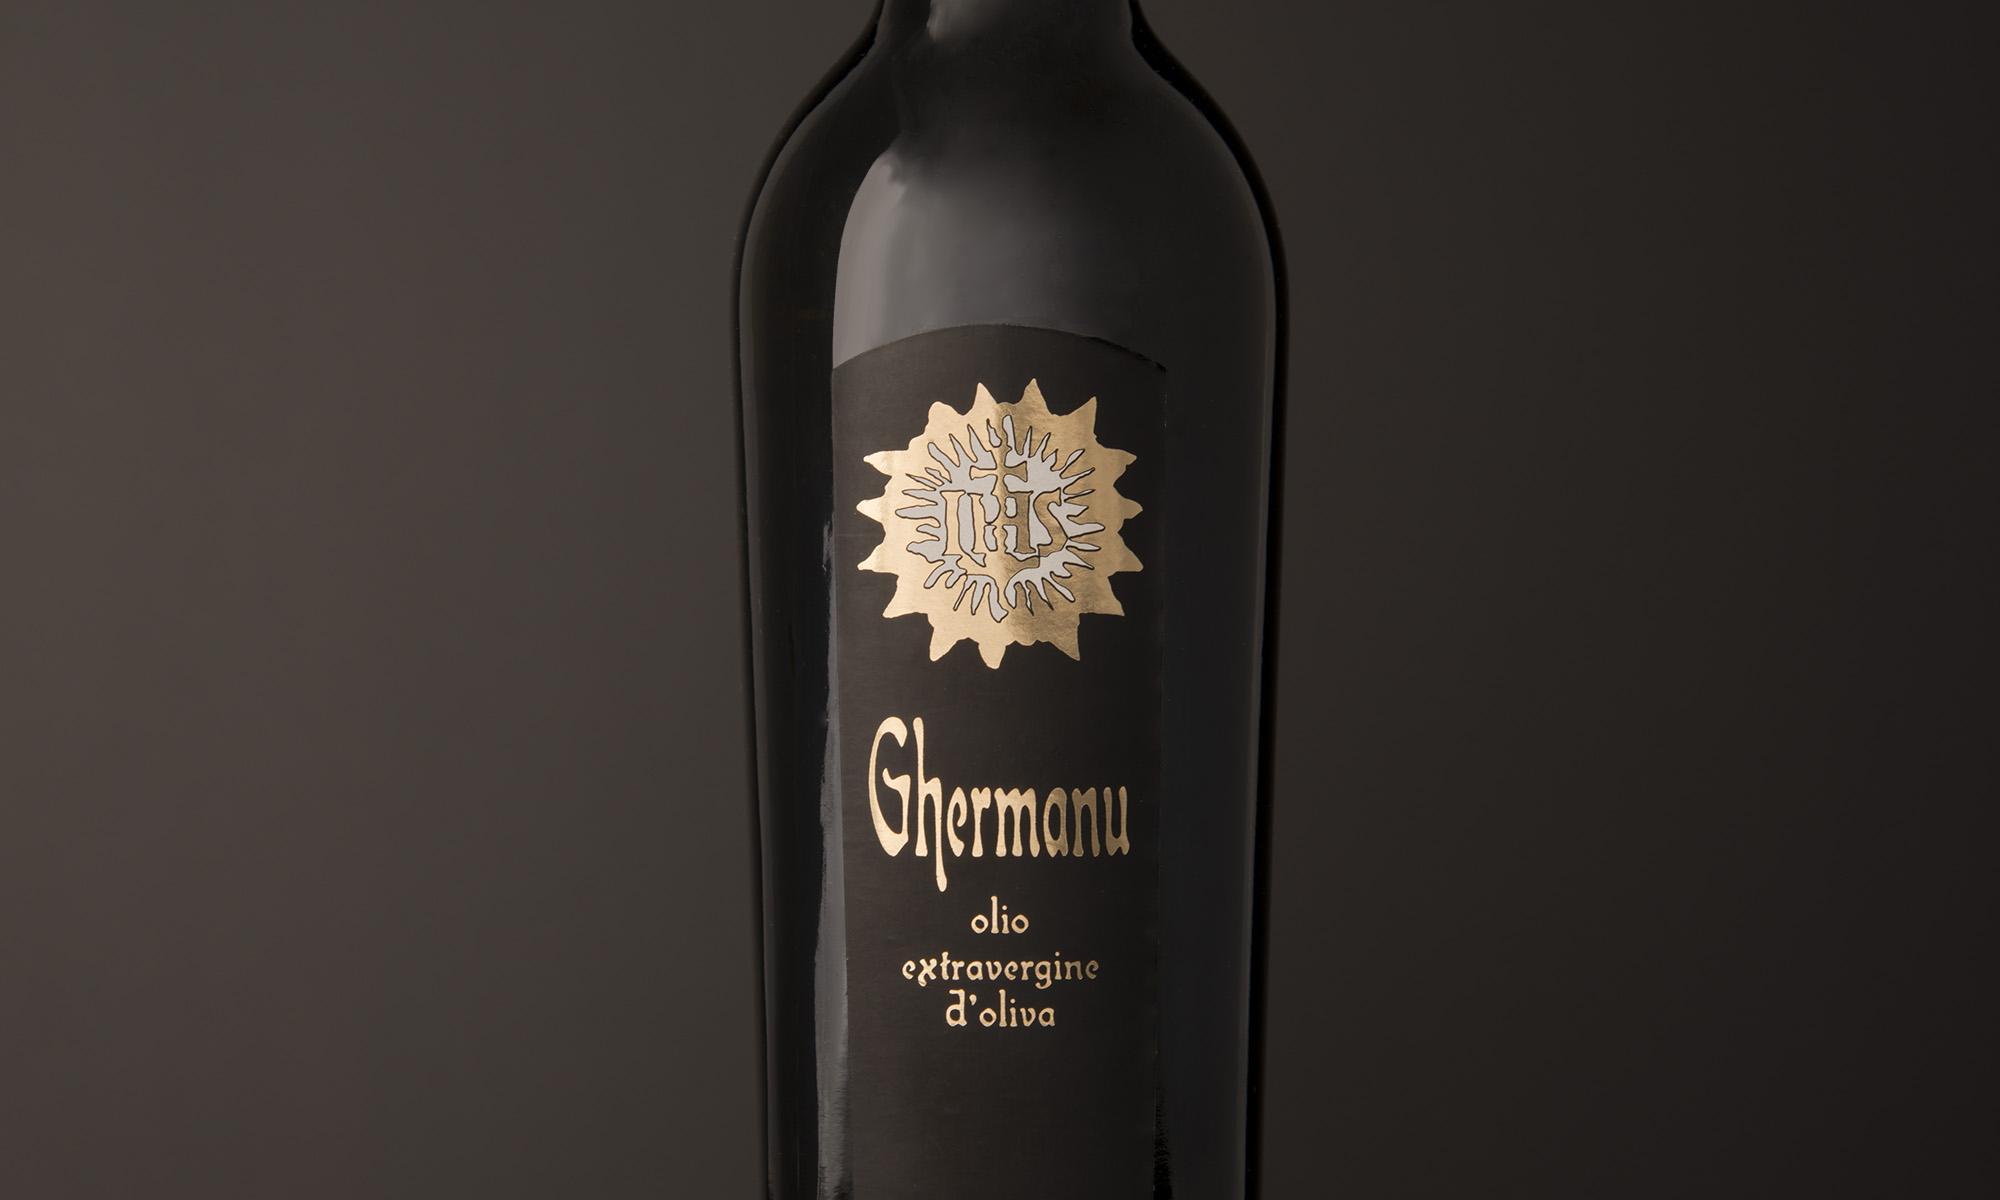 Studio dell'etichetta dell'olio Ghermanu dell'Azienda Agricola Puligheddu